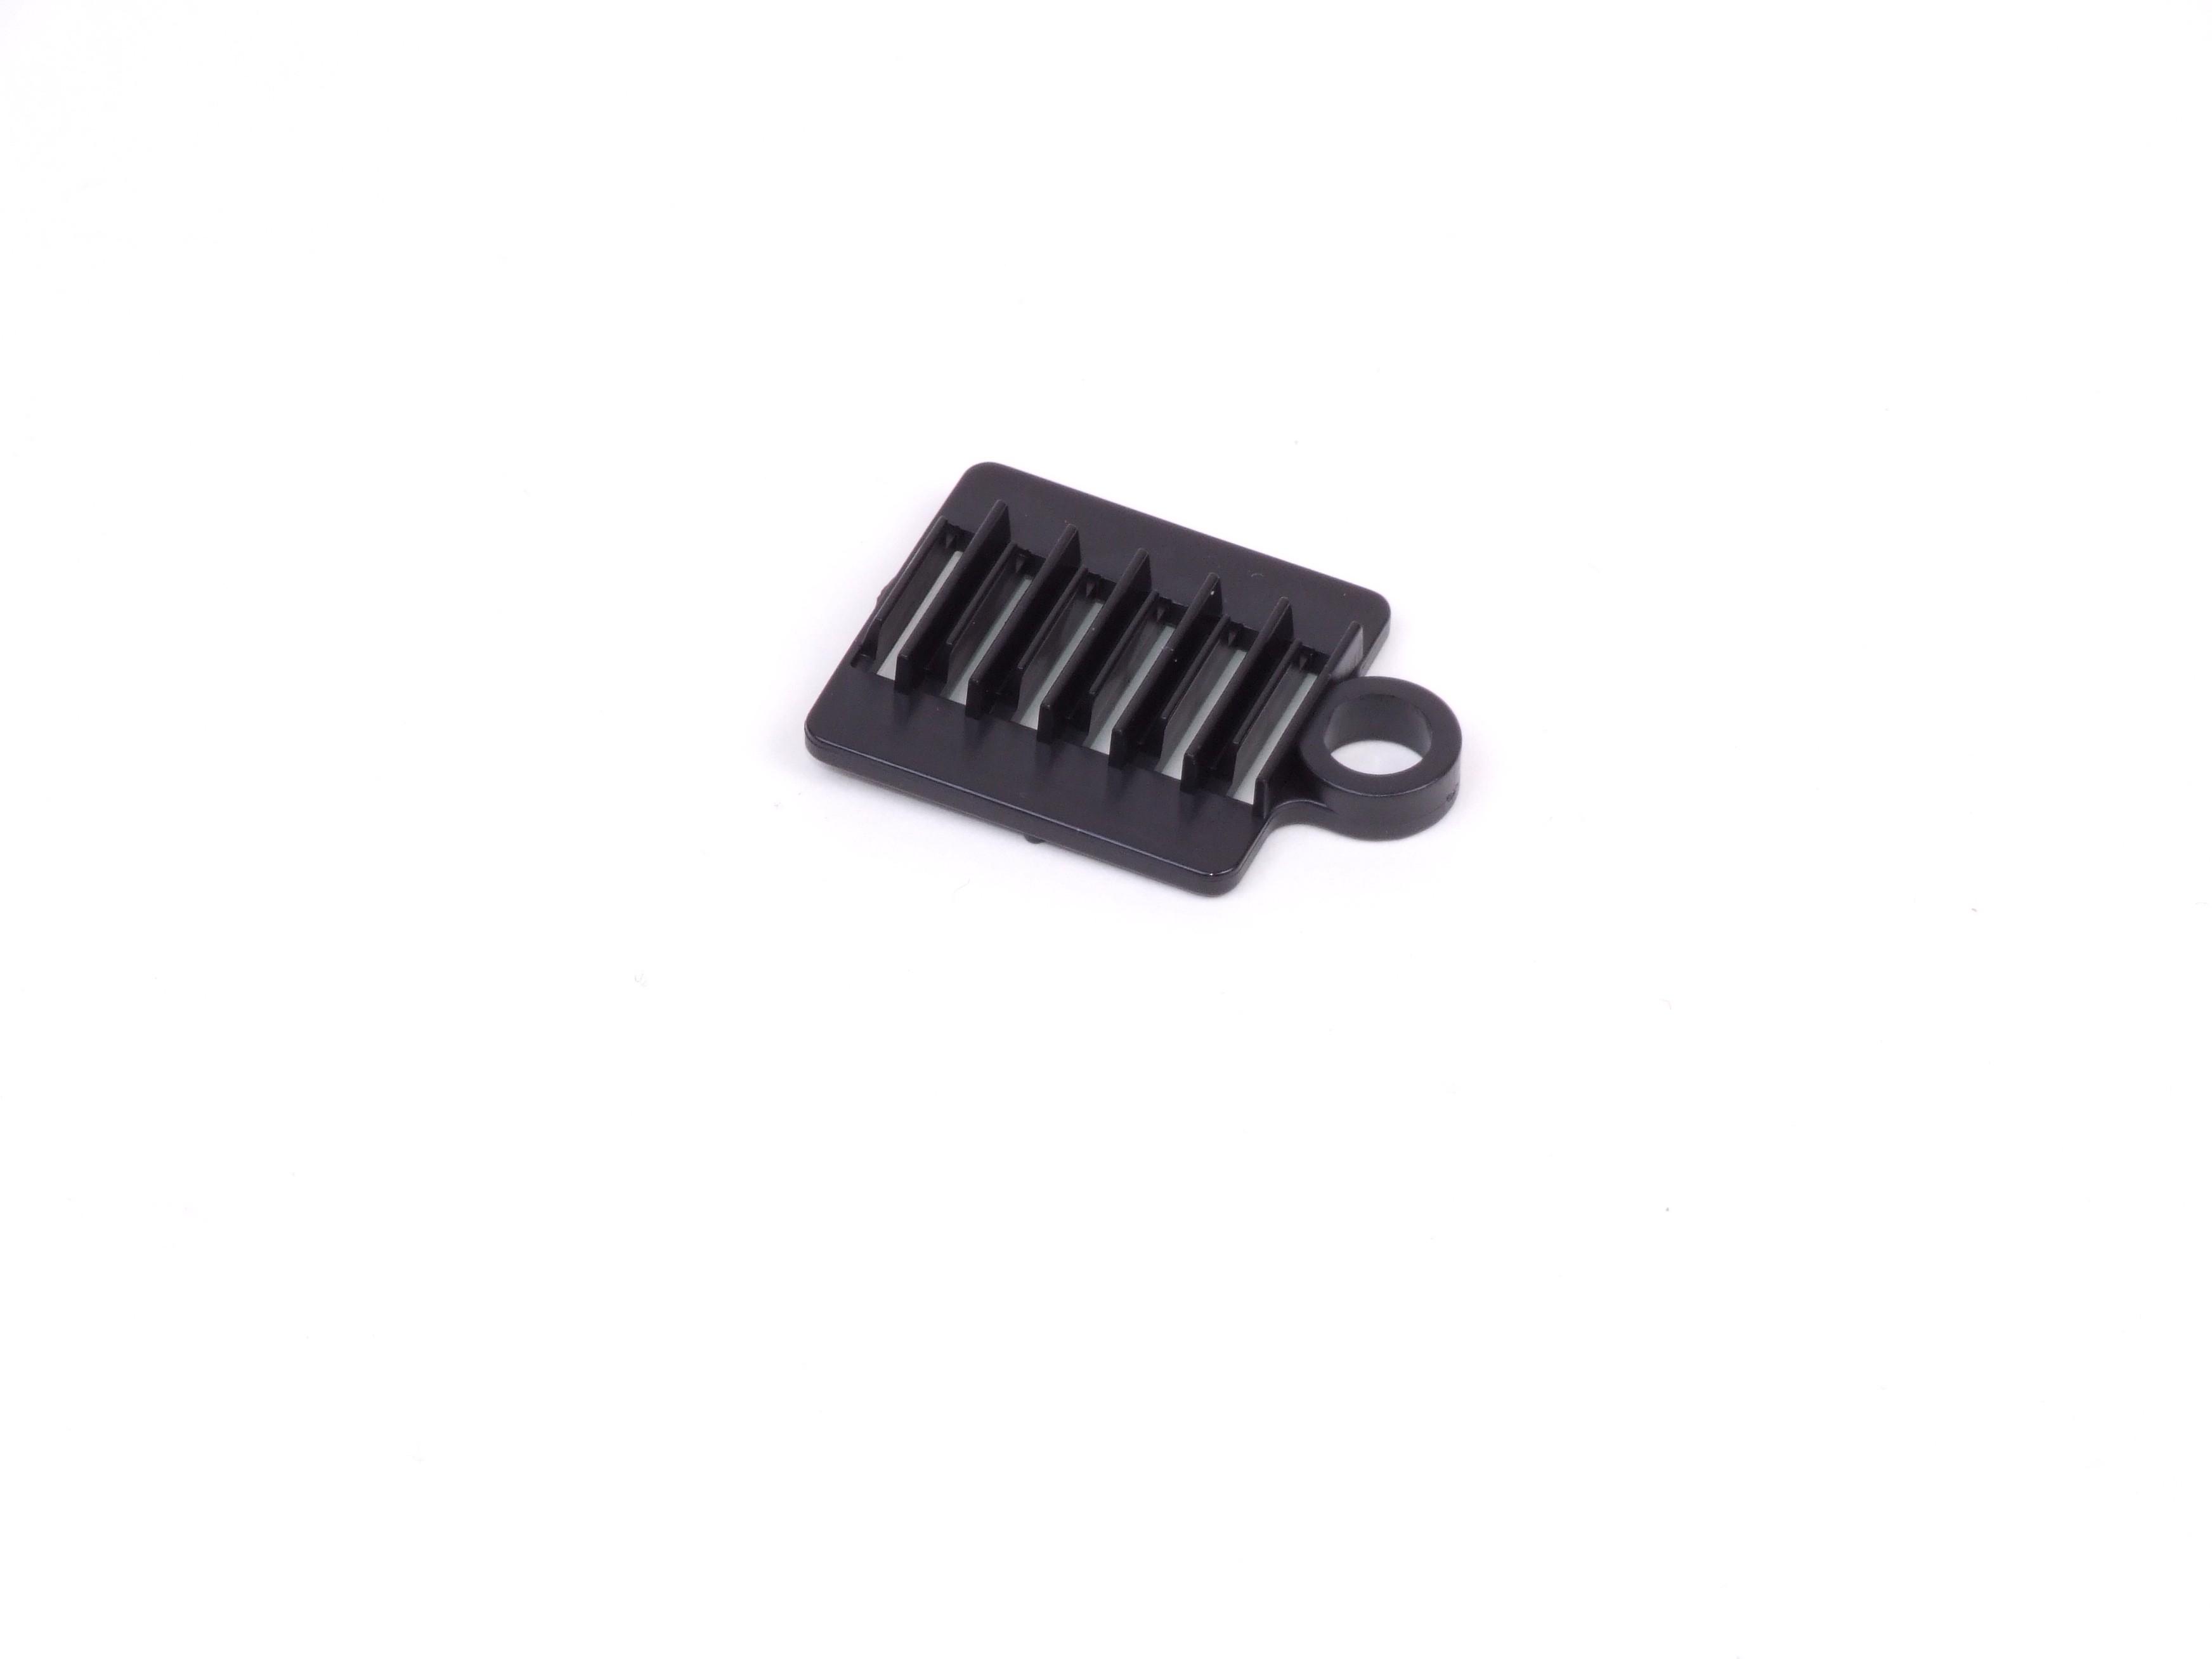 6 way fibre splice holder clip